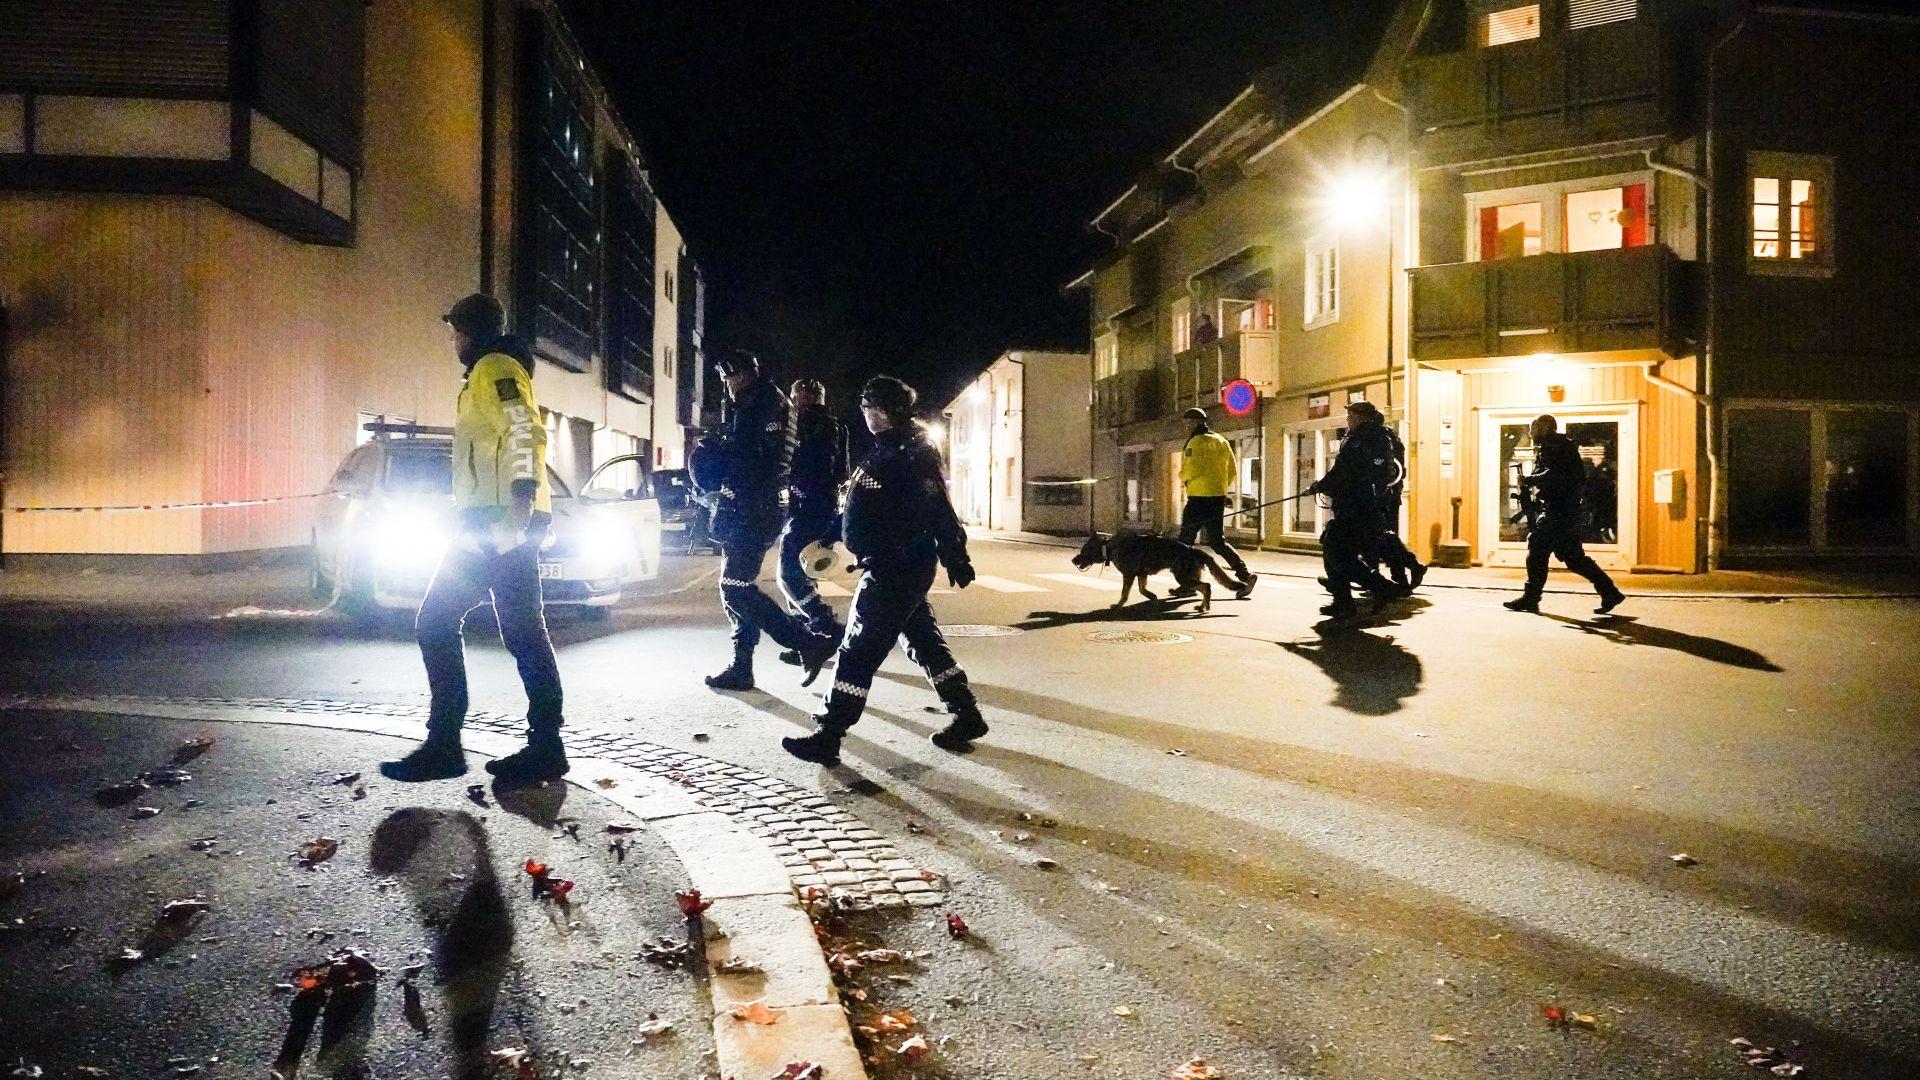 Петима убити и двама ранени при нападение с лък в Норвегия, не изключват атентат (видео)